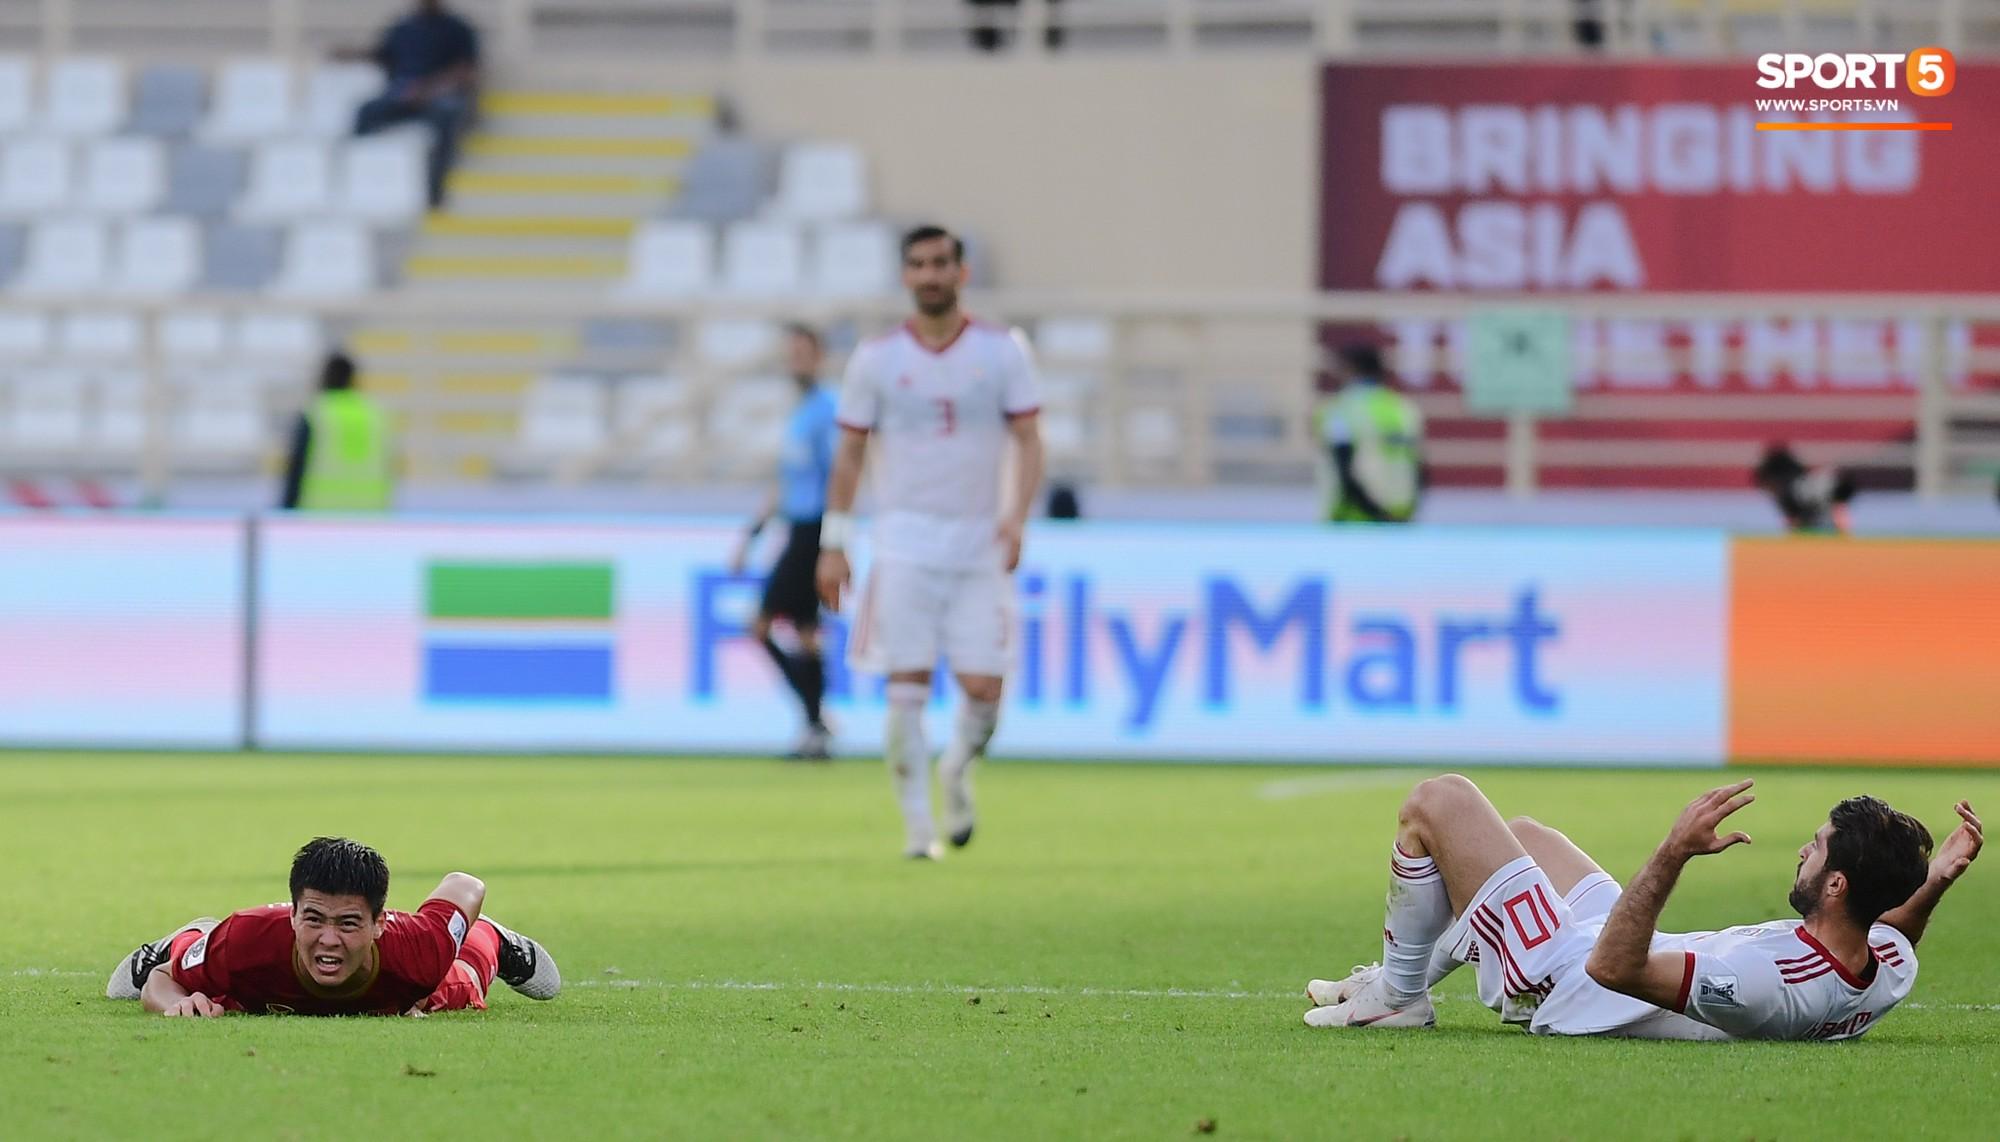 Nếu Công Phượng xử lý nhanh hơn, Duy Mạnh đã không lỡ hẹn trận đấu cuối cùng ở vòng bảng Asian Cup 2019 - Ảnh 4.